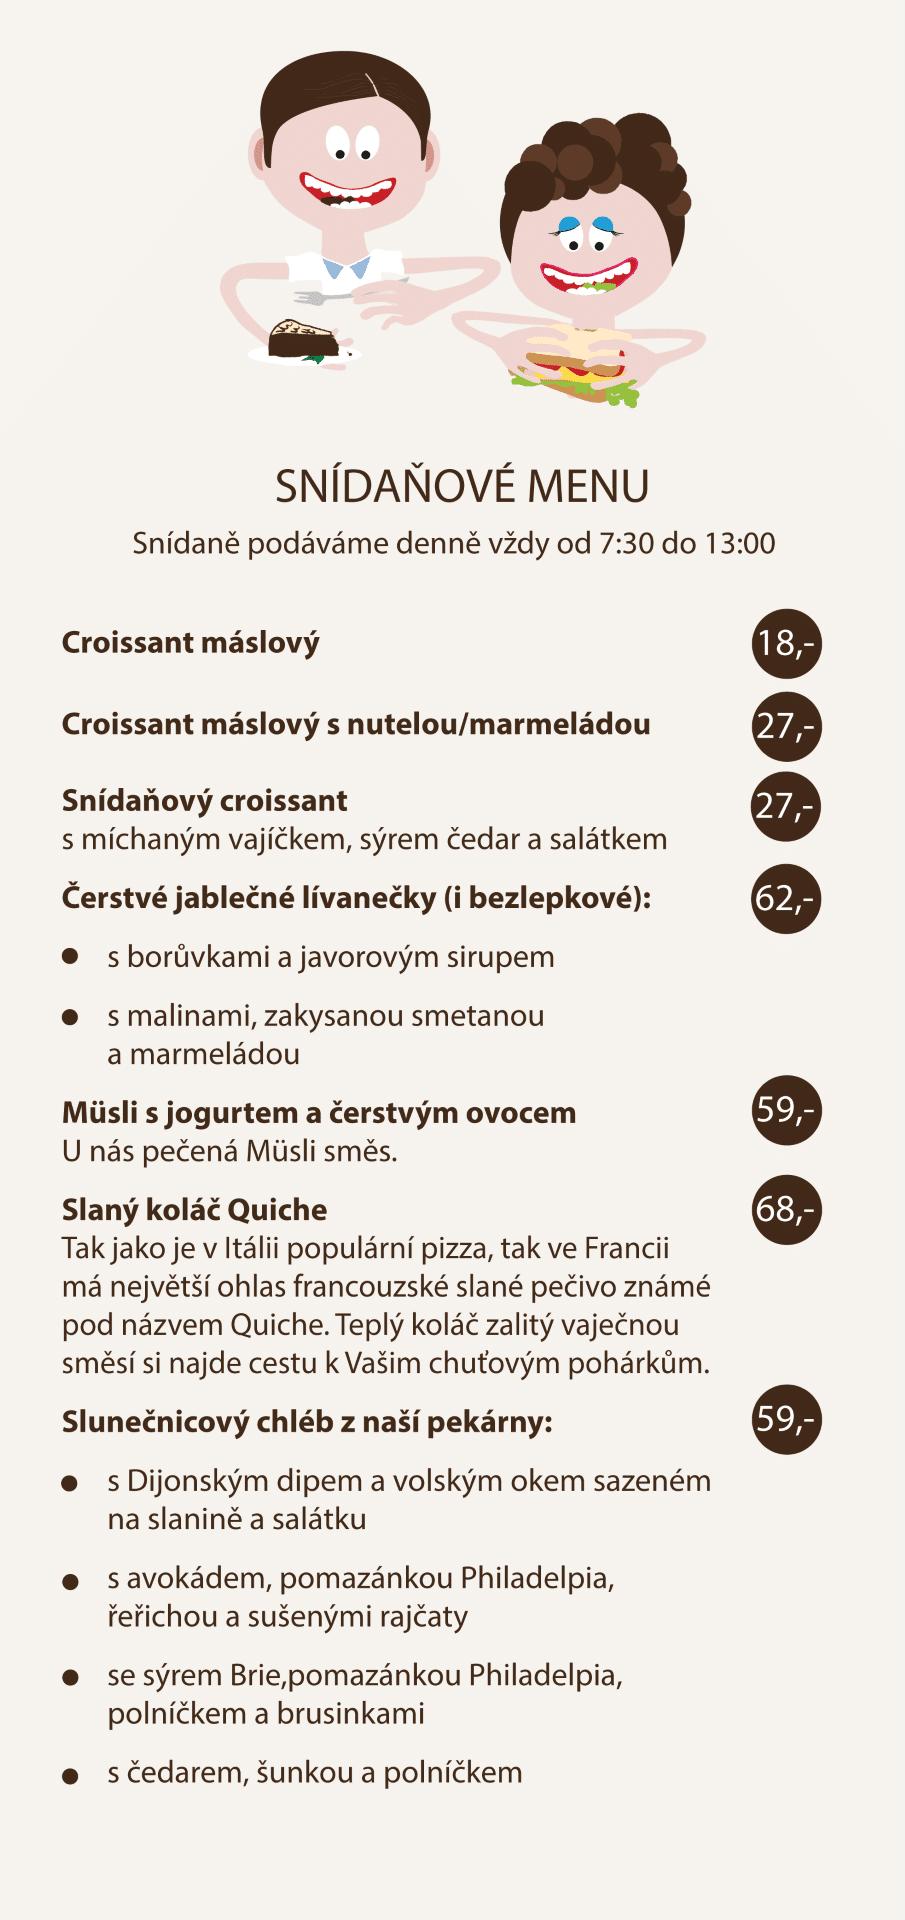 SNÍDAŇOVÉ MENU Croissant máslový 18 Kč Croissant máslový s nutelou / marmeládou 27 Kč Snídaňový croissant s míchaným vajíčkem, sýrem čedar a salátkem 27 Kč Čerstvé jablečné lívanečky (i bezlepkové) / s boruvkami a javorovým sirupem / s malinami, zakysanou smetanou a marmeládou 62 Kč Müsli s jogurtem a čerstvým ovocem (U nás pečená Müsli směs.) 59 Kč Slaný koláč Quiche - Tak jako je v Itálii populární pizza, tak ve Francii má největší ohlas francouzské slané pečivo známé pod názvem Quiche. Teplý koláč zalitý vaječnou směsí si najde cestu k Vašim chuťovým pohárkům. 68 Kč Slunečnicový chléb z naší pekárny: s Dijonským dipem a volským okem sazeném na slanine a salátku / s avokádem, pomazánkou Philadelpia, řeřichou a sušenými rajčaty / se sýrem Brie, pomazánkou Philadelpia, polníčkem a brusinkami / s čedarem, šunkou a polníckem 59 Kč